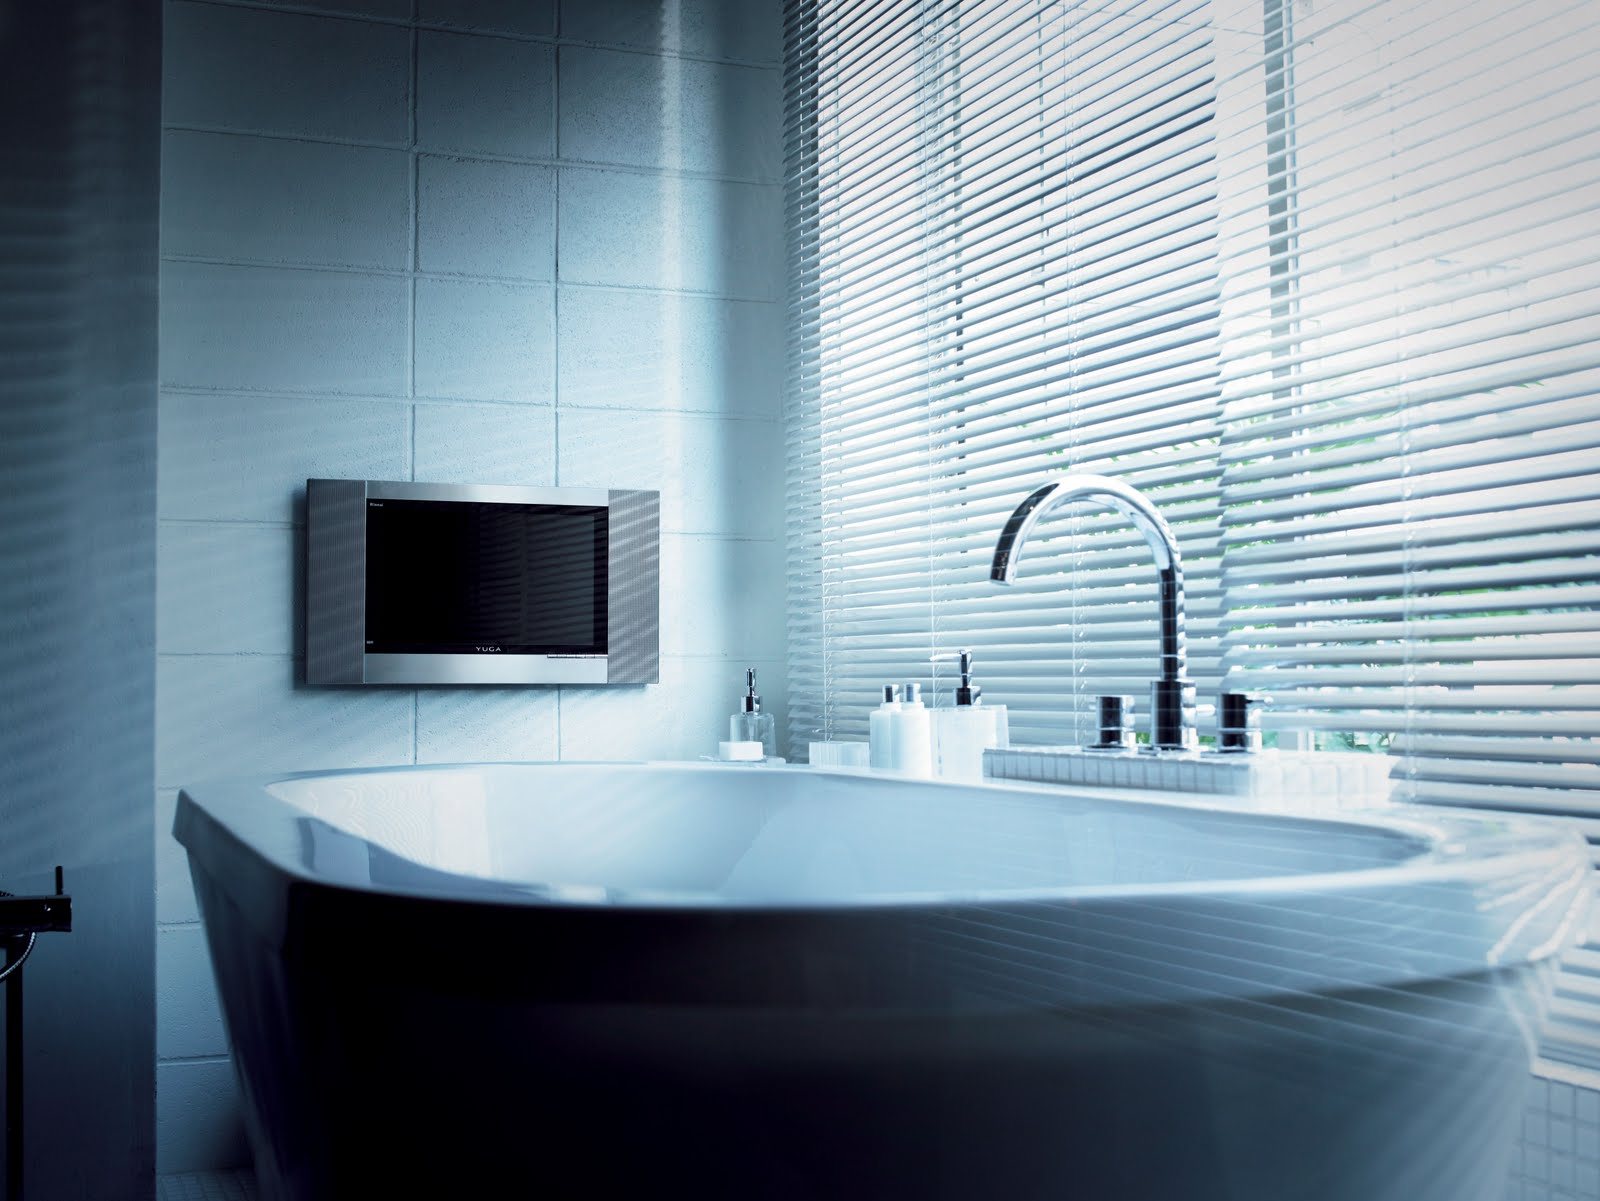 #437188 Até Tv os japoneses instalam no banheiro devido ao grande tempo que  1600x1201 px Banheiro Ofuro 2701